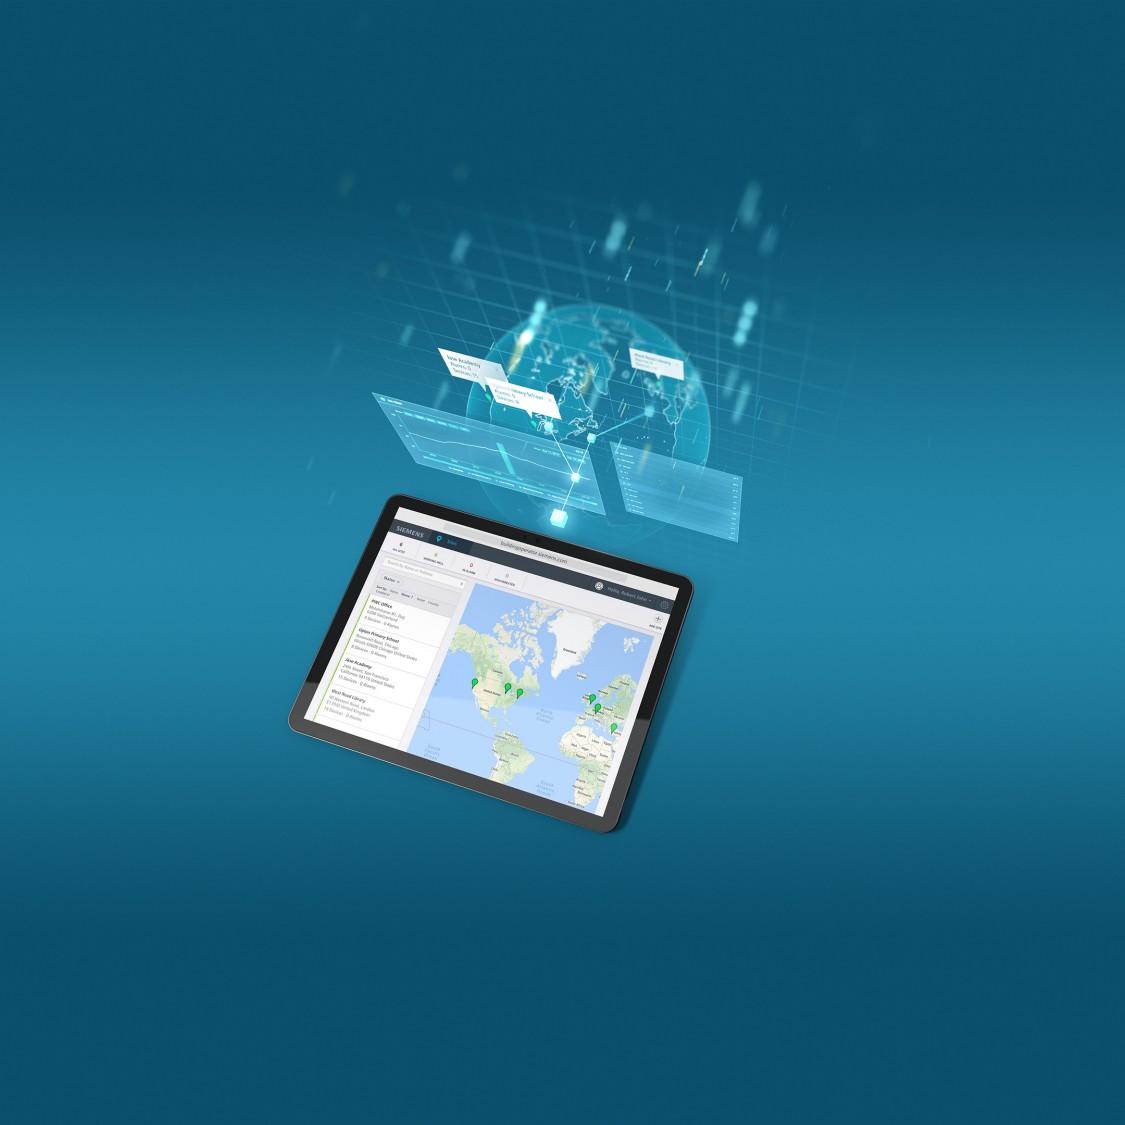 Aplikacja w chmurze do zdalnego monitorowania Twoich budynków